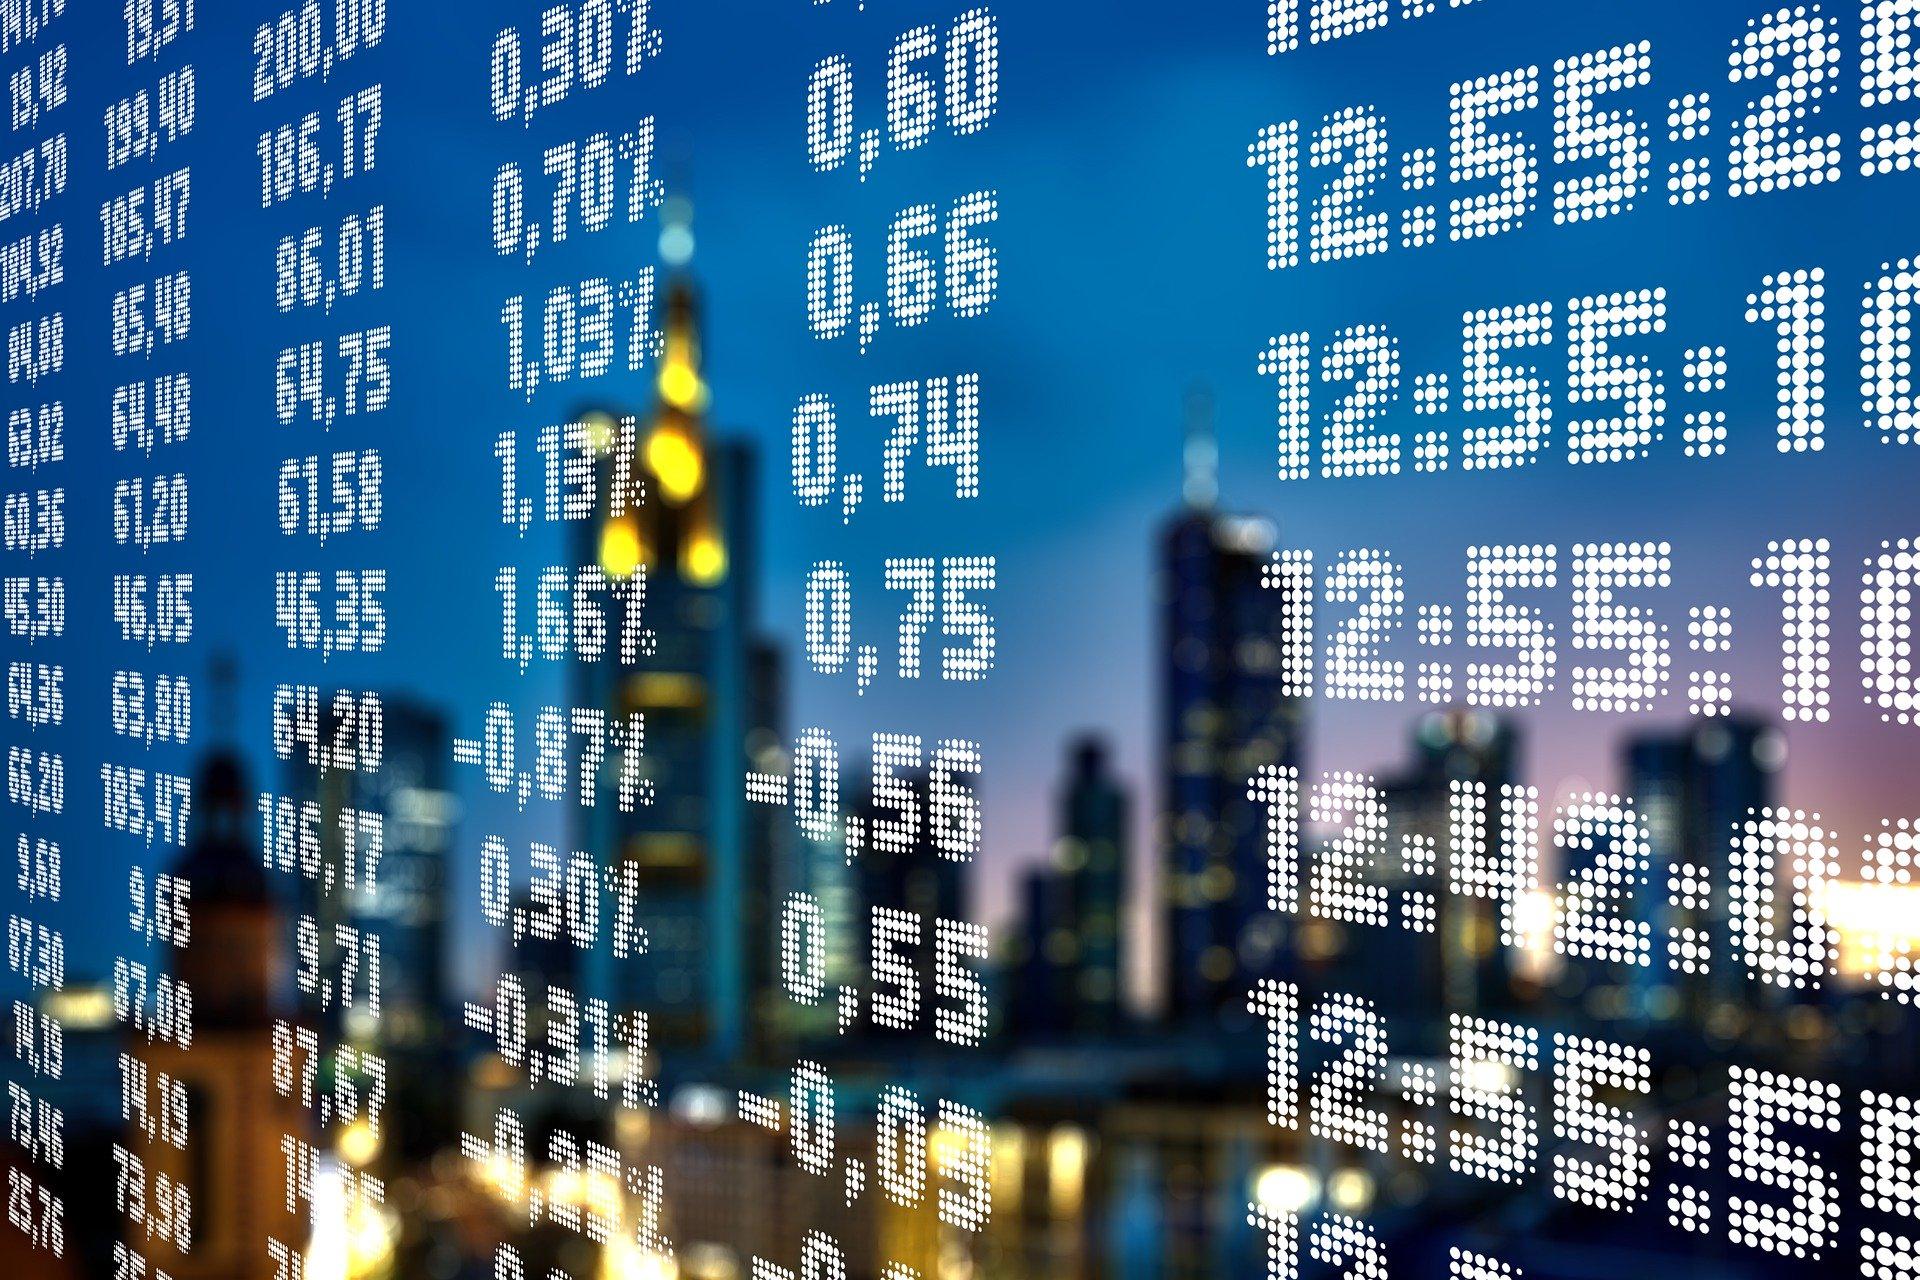 euribor, hipotecas tipo variable, calculo euribor